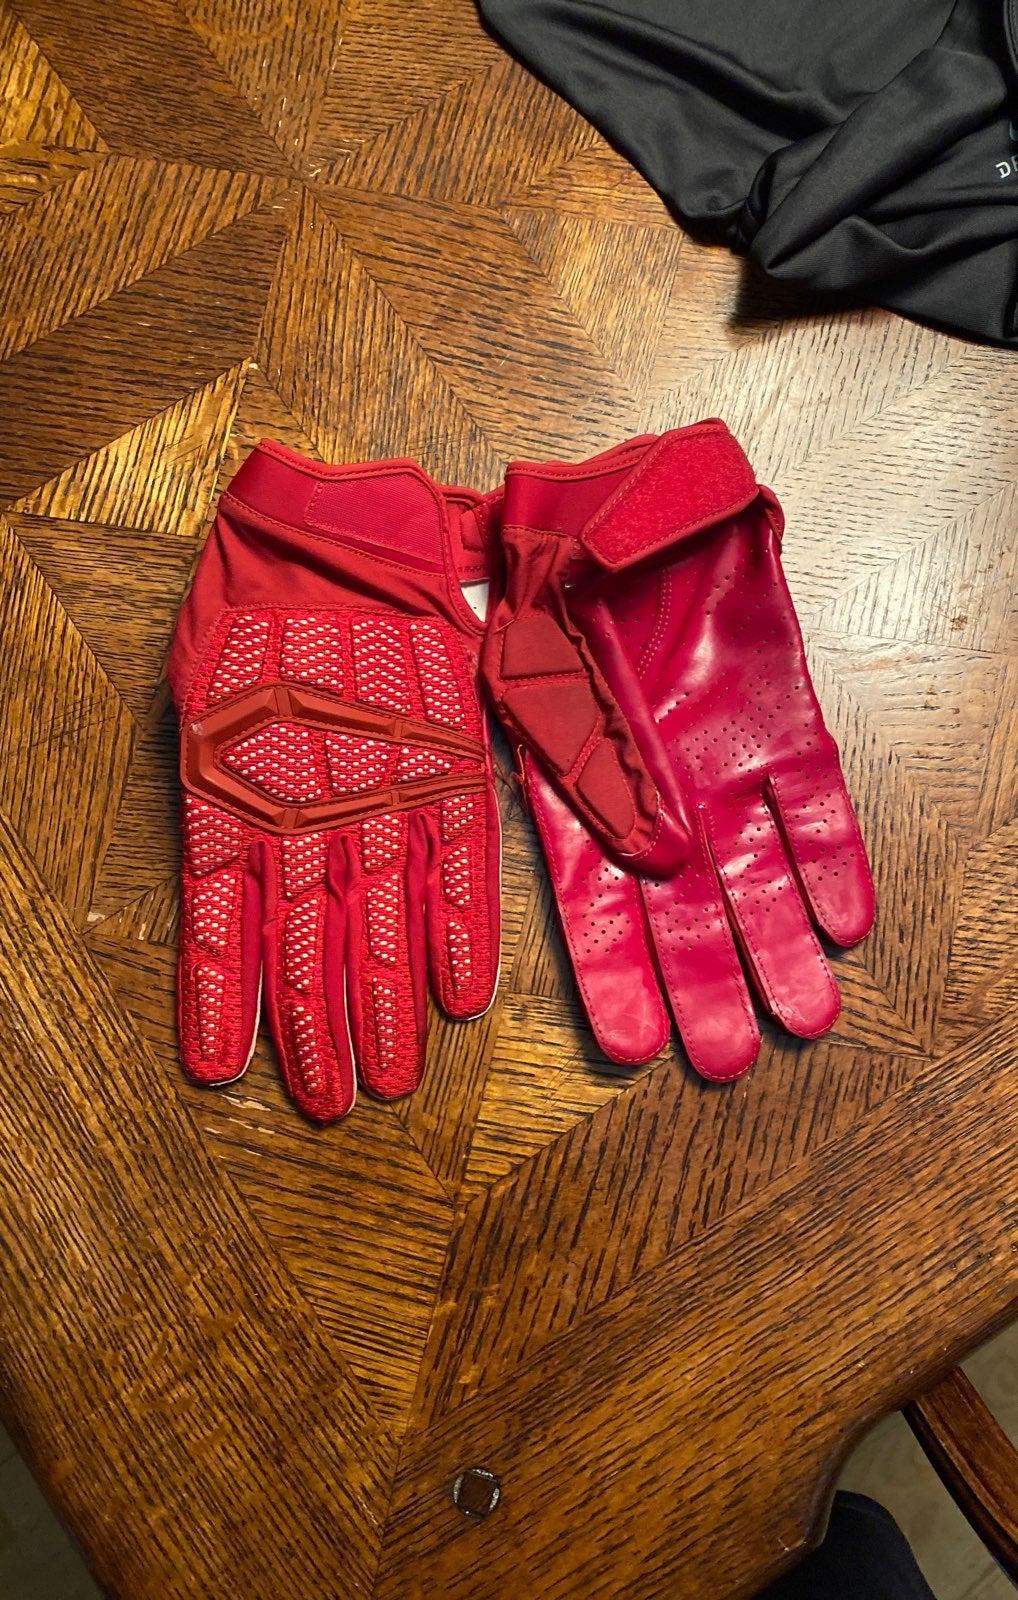 Cutter football gloves